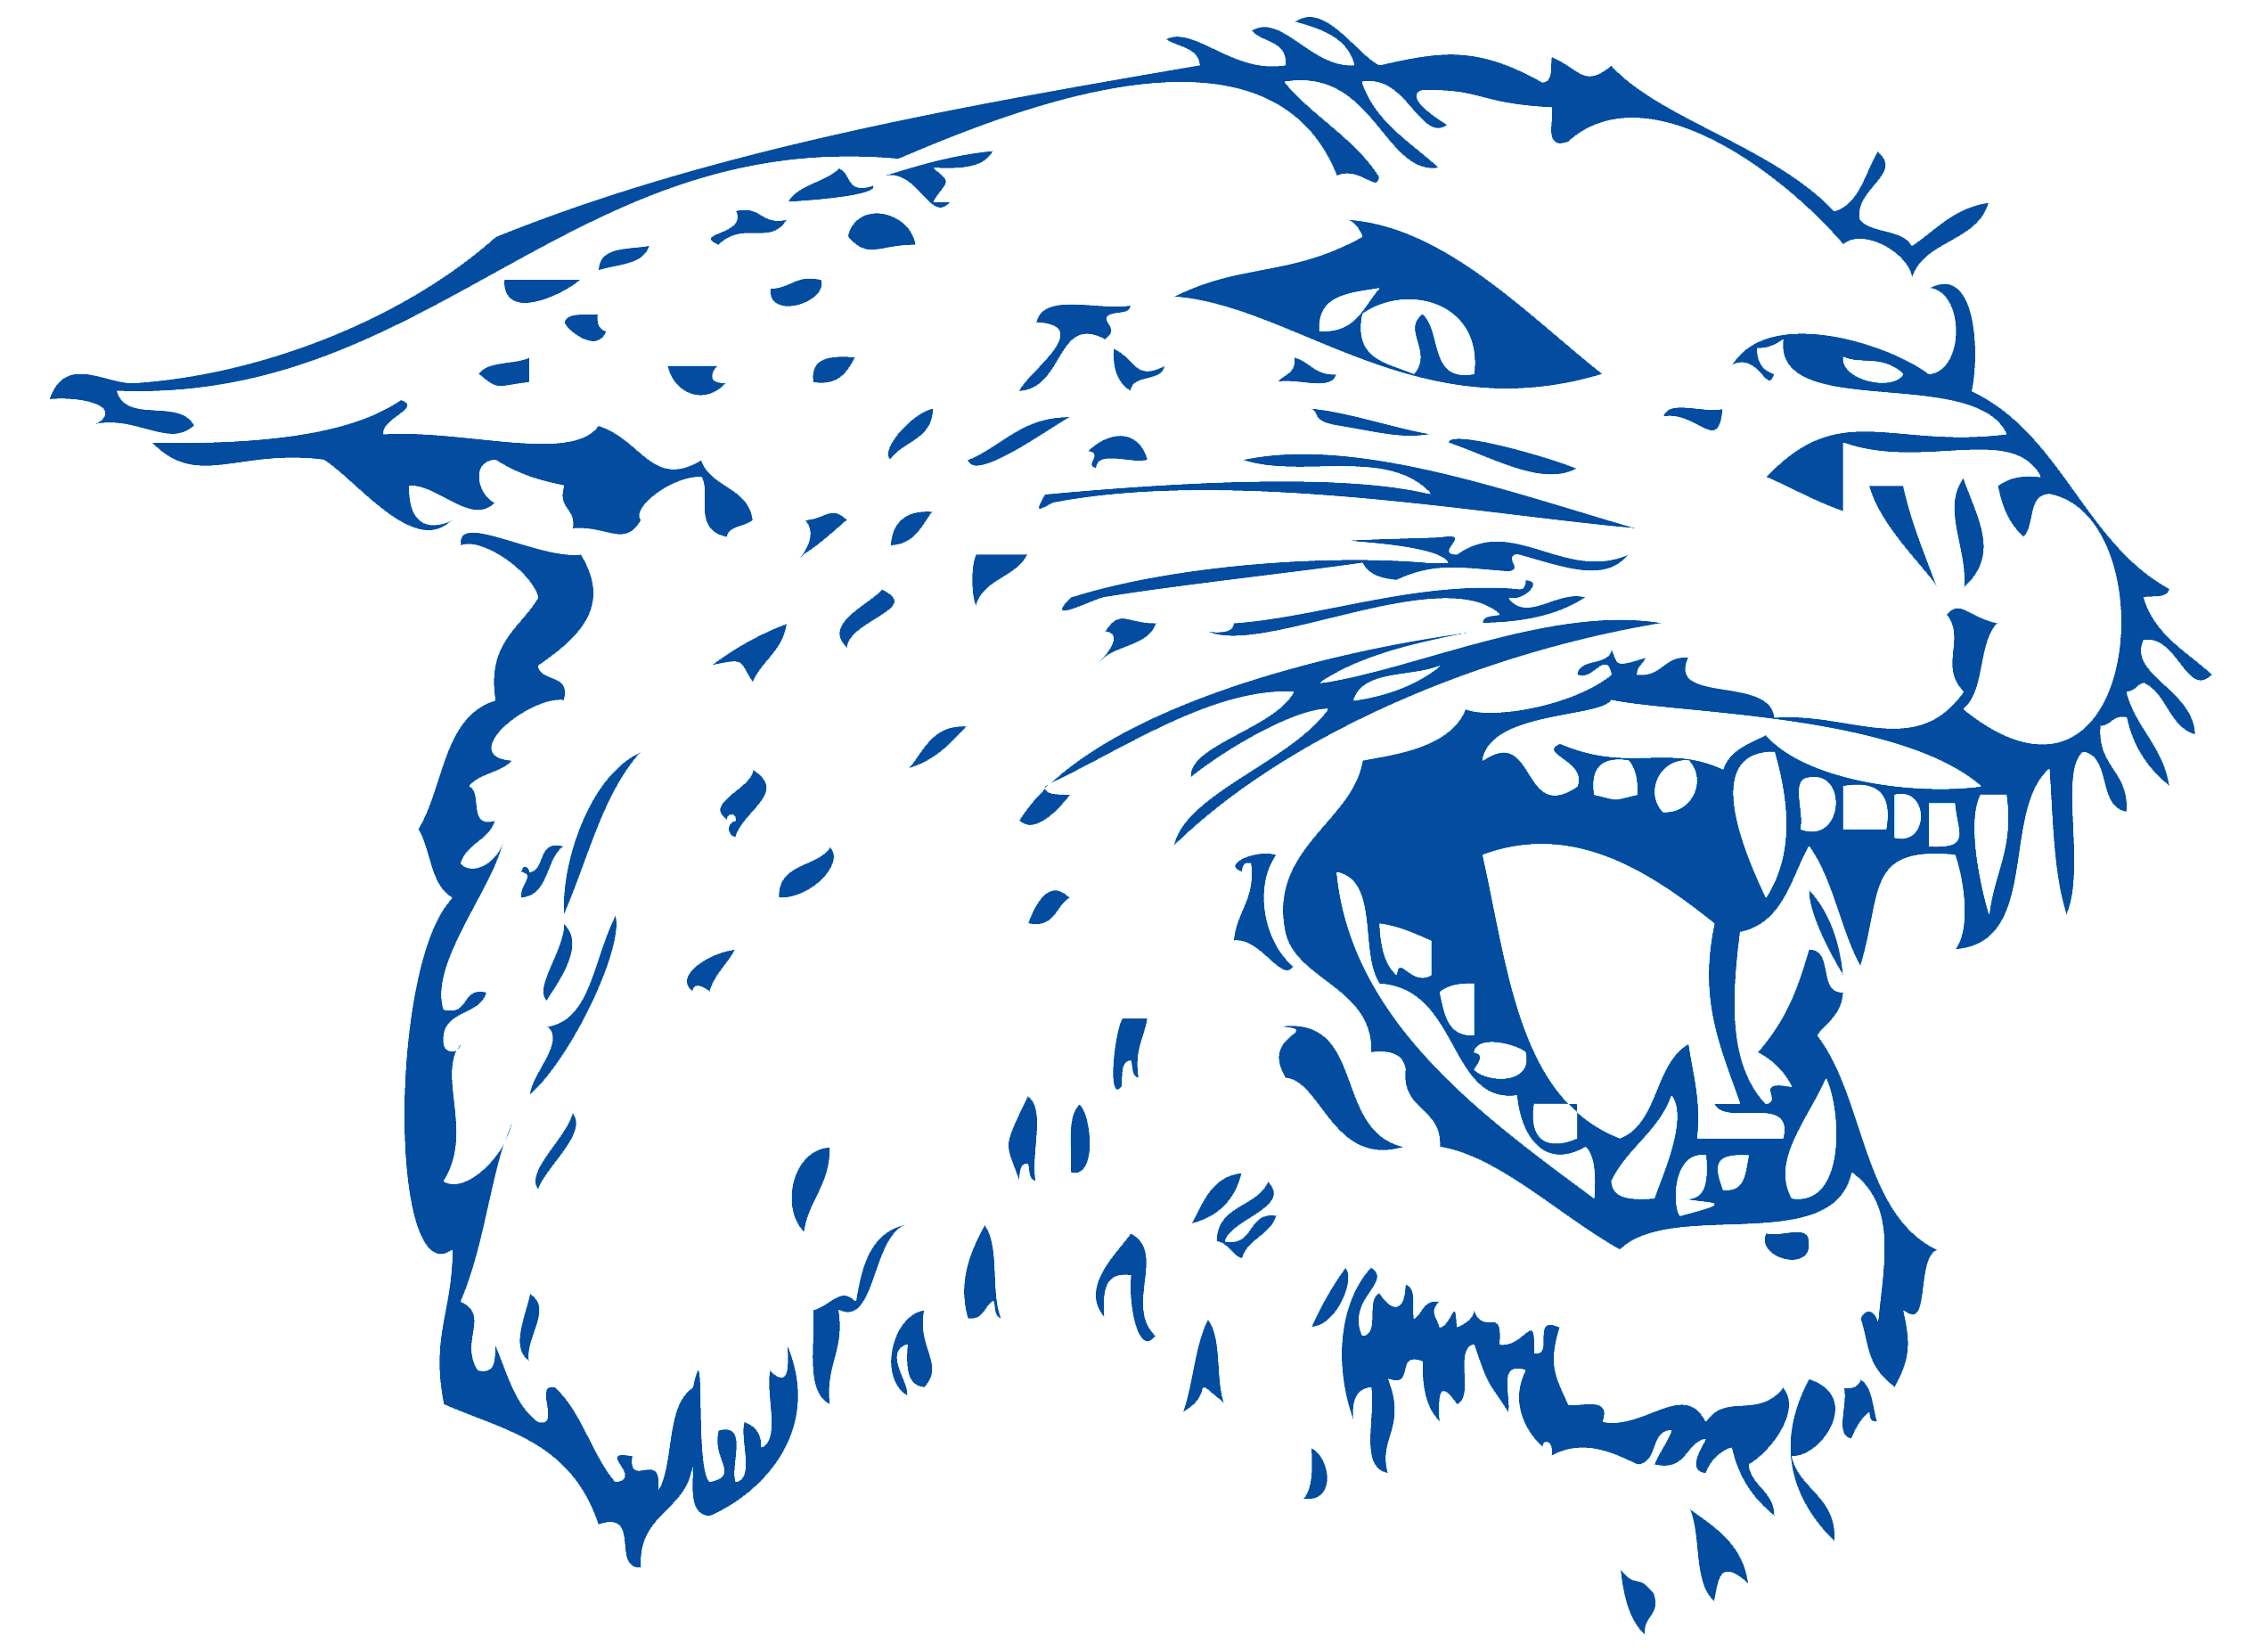 Wildcat clipart wildcat baseball. Colton school district home